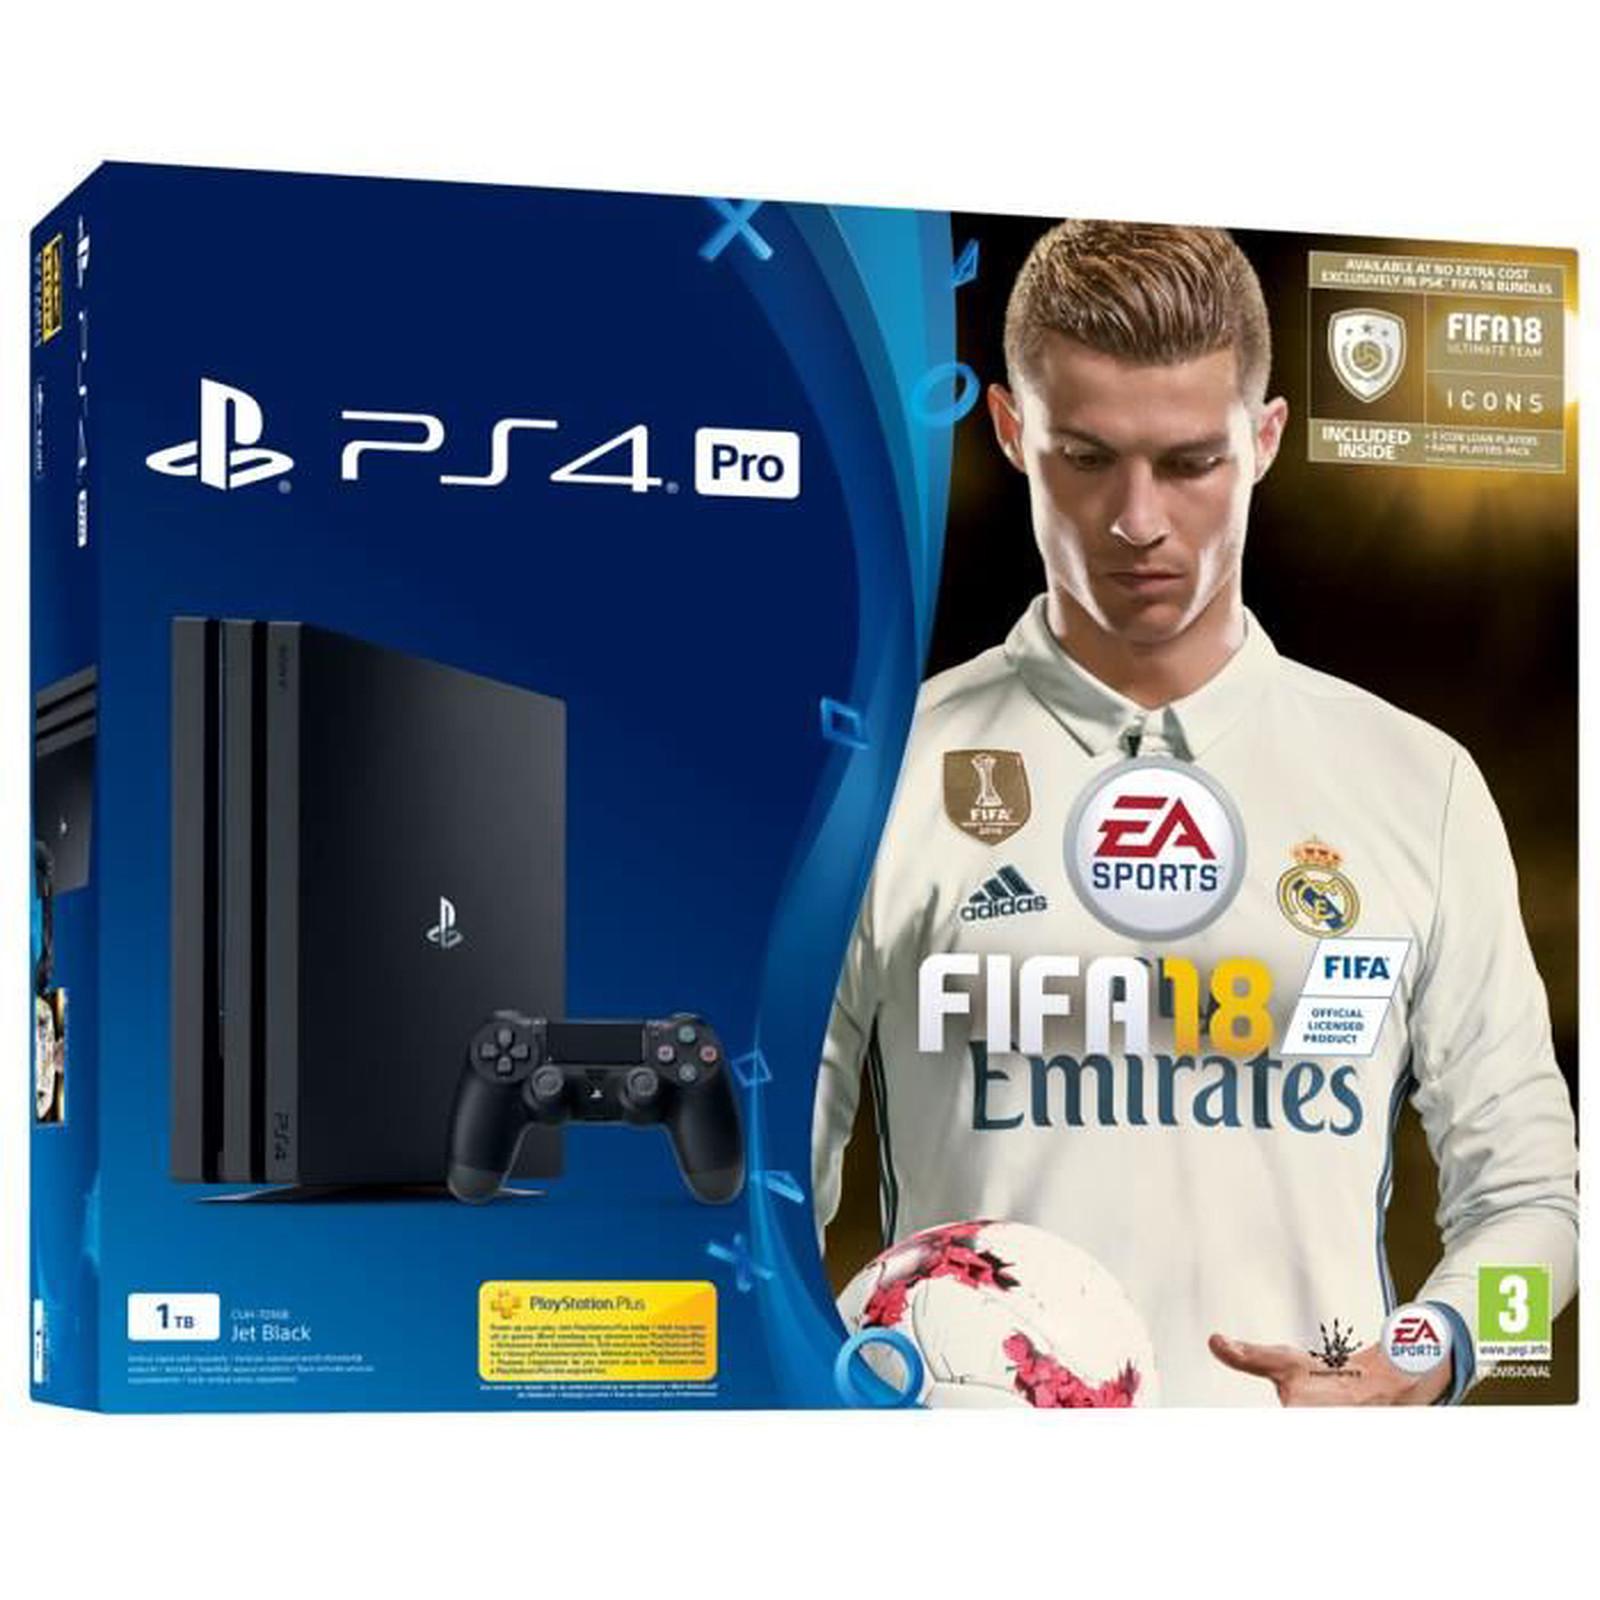 Sony PlayStation 4 Pro (1 To) + FIFA 18